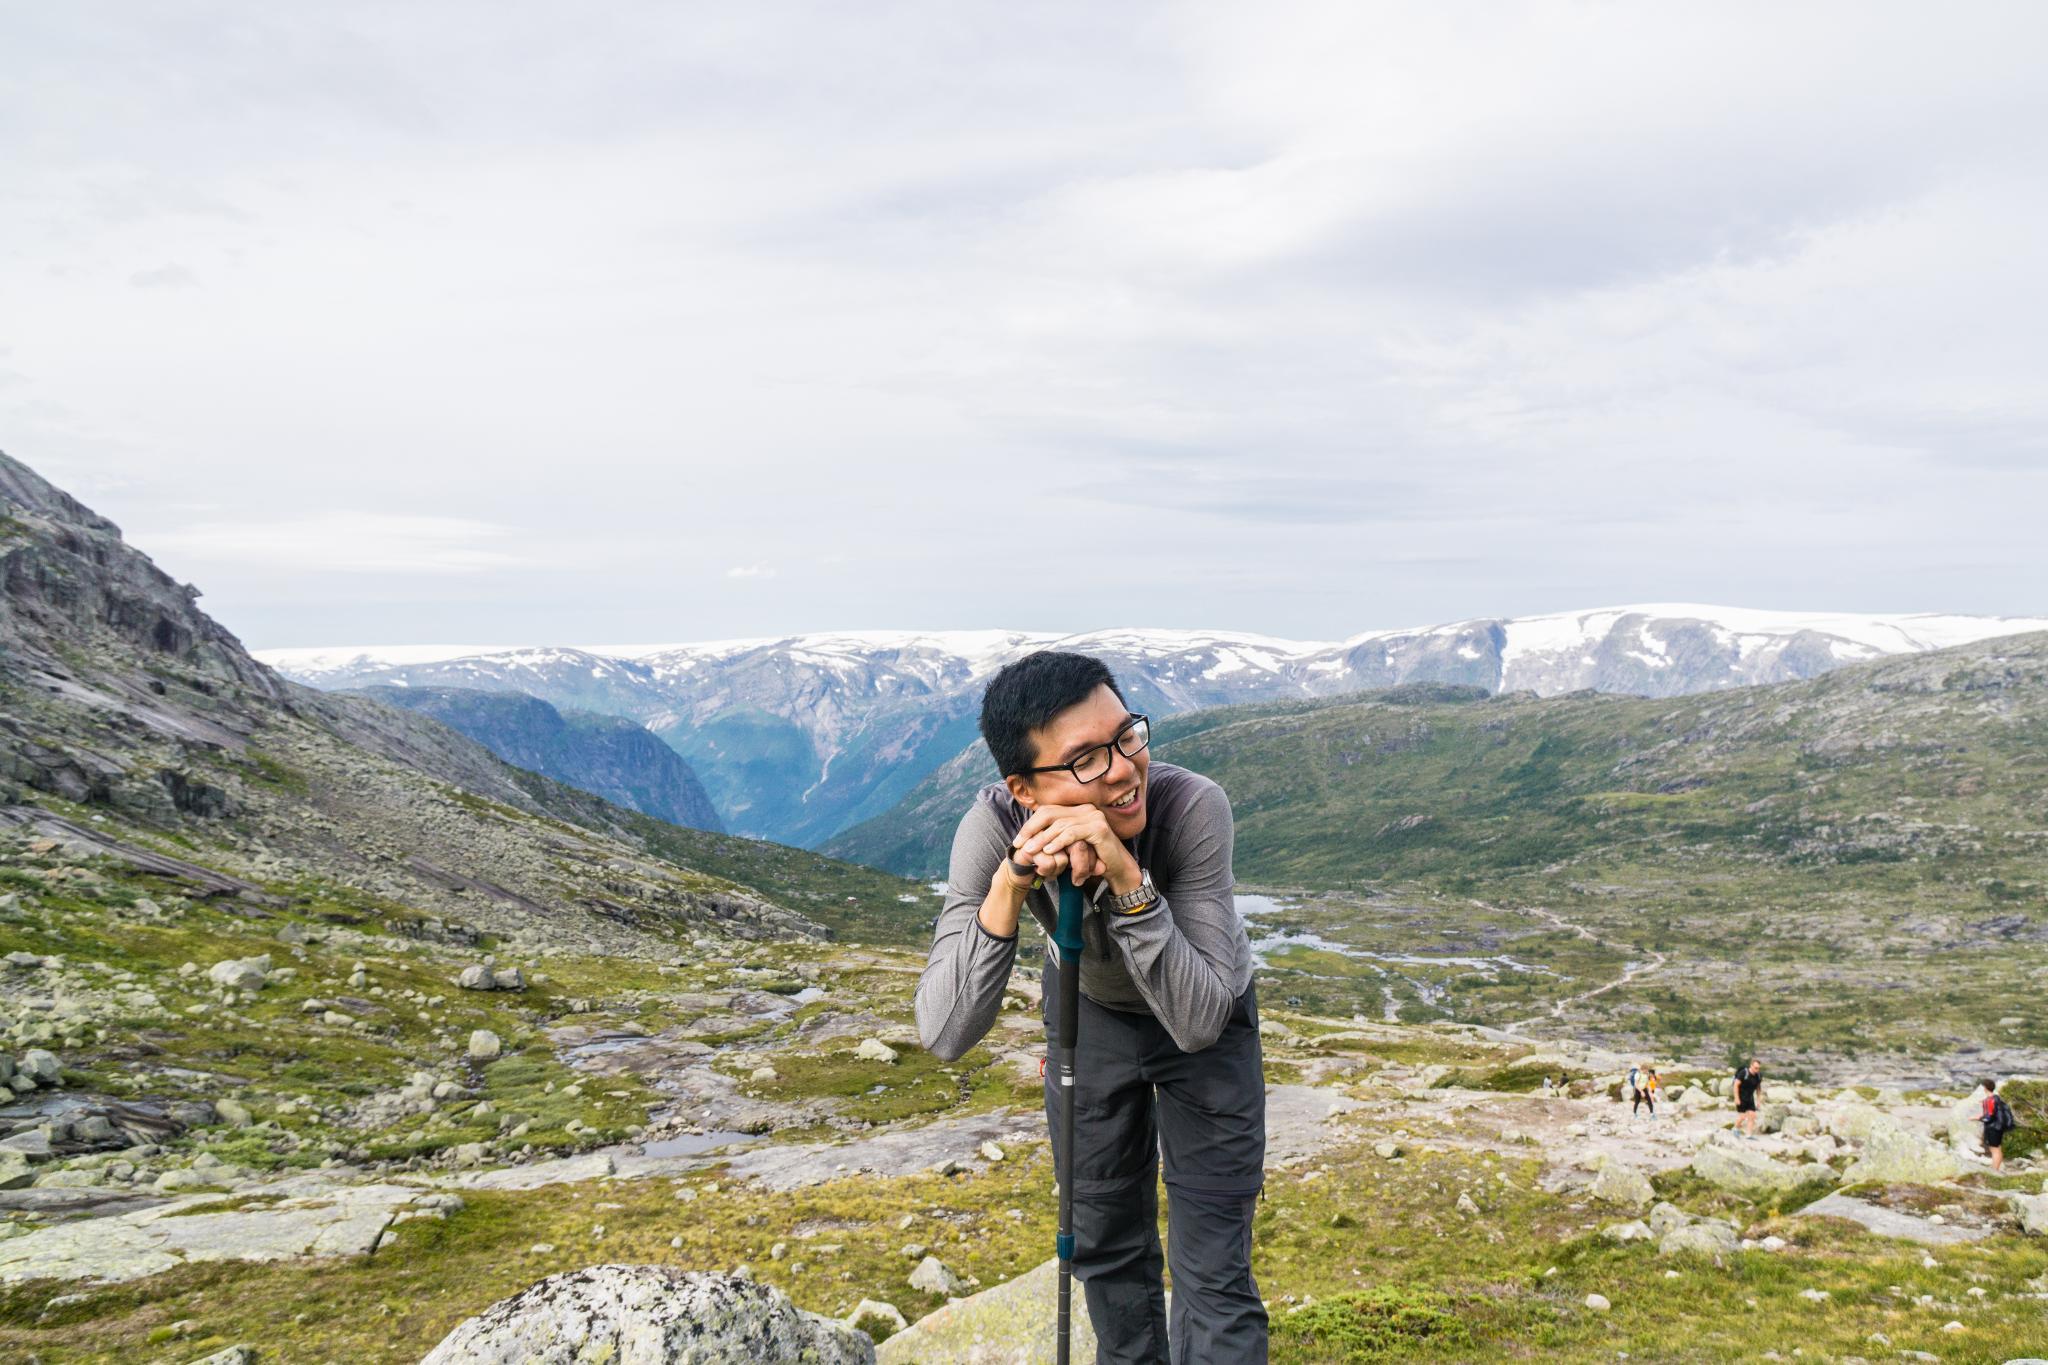 【北歐景點】挪威惡魔之舌 Trolltunga — 28公里健行挑戰全攻略 193